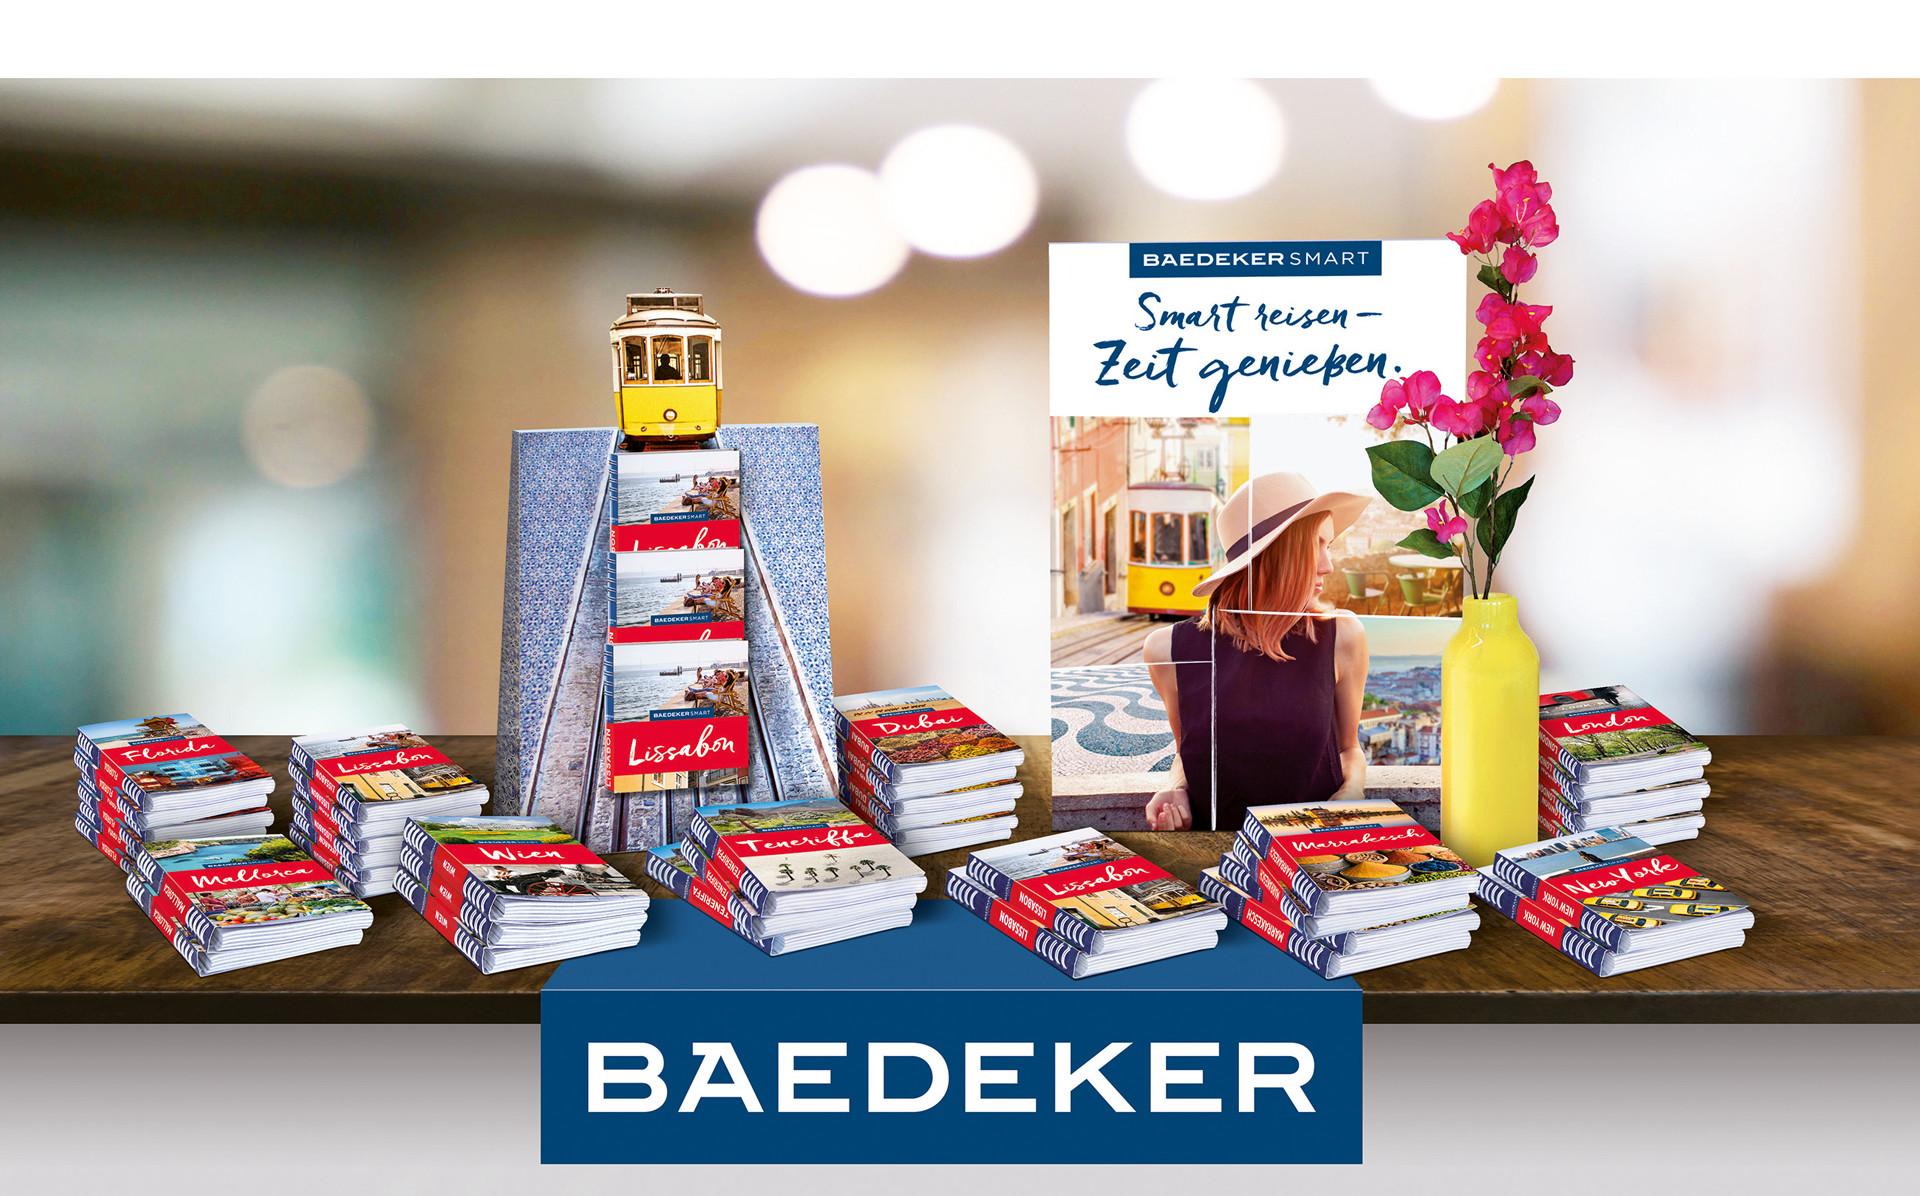 Baedeker_Composing-pos-2.jpg